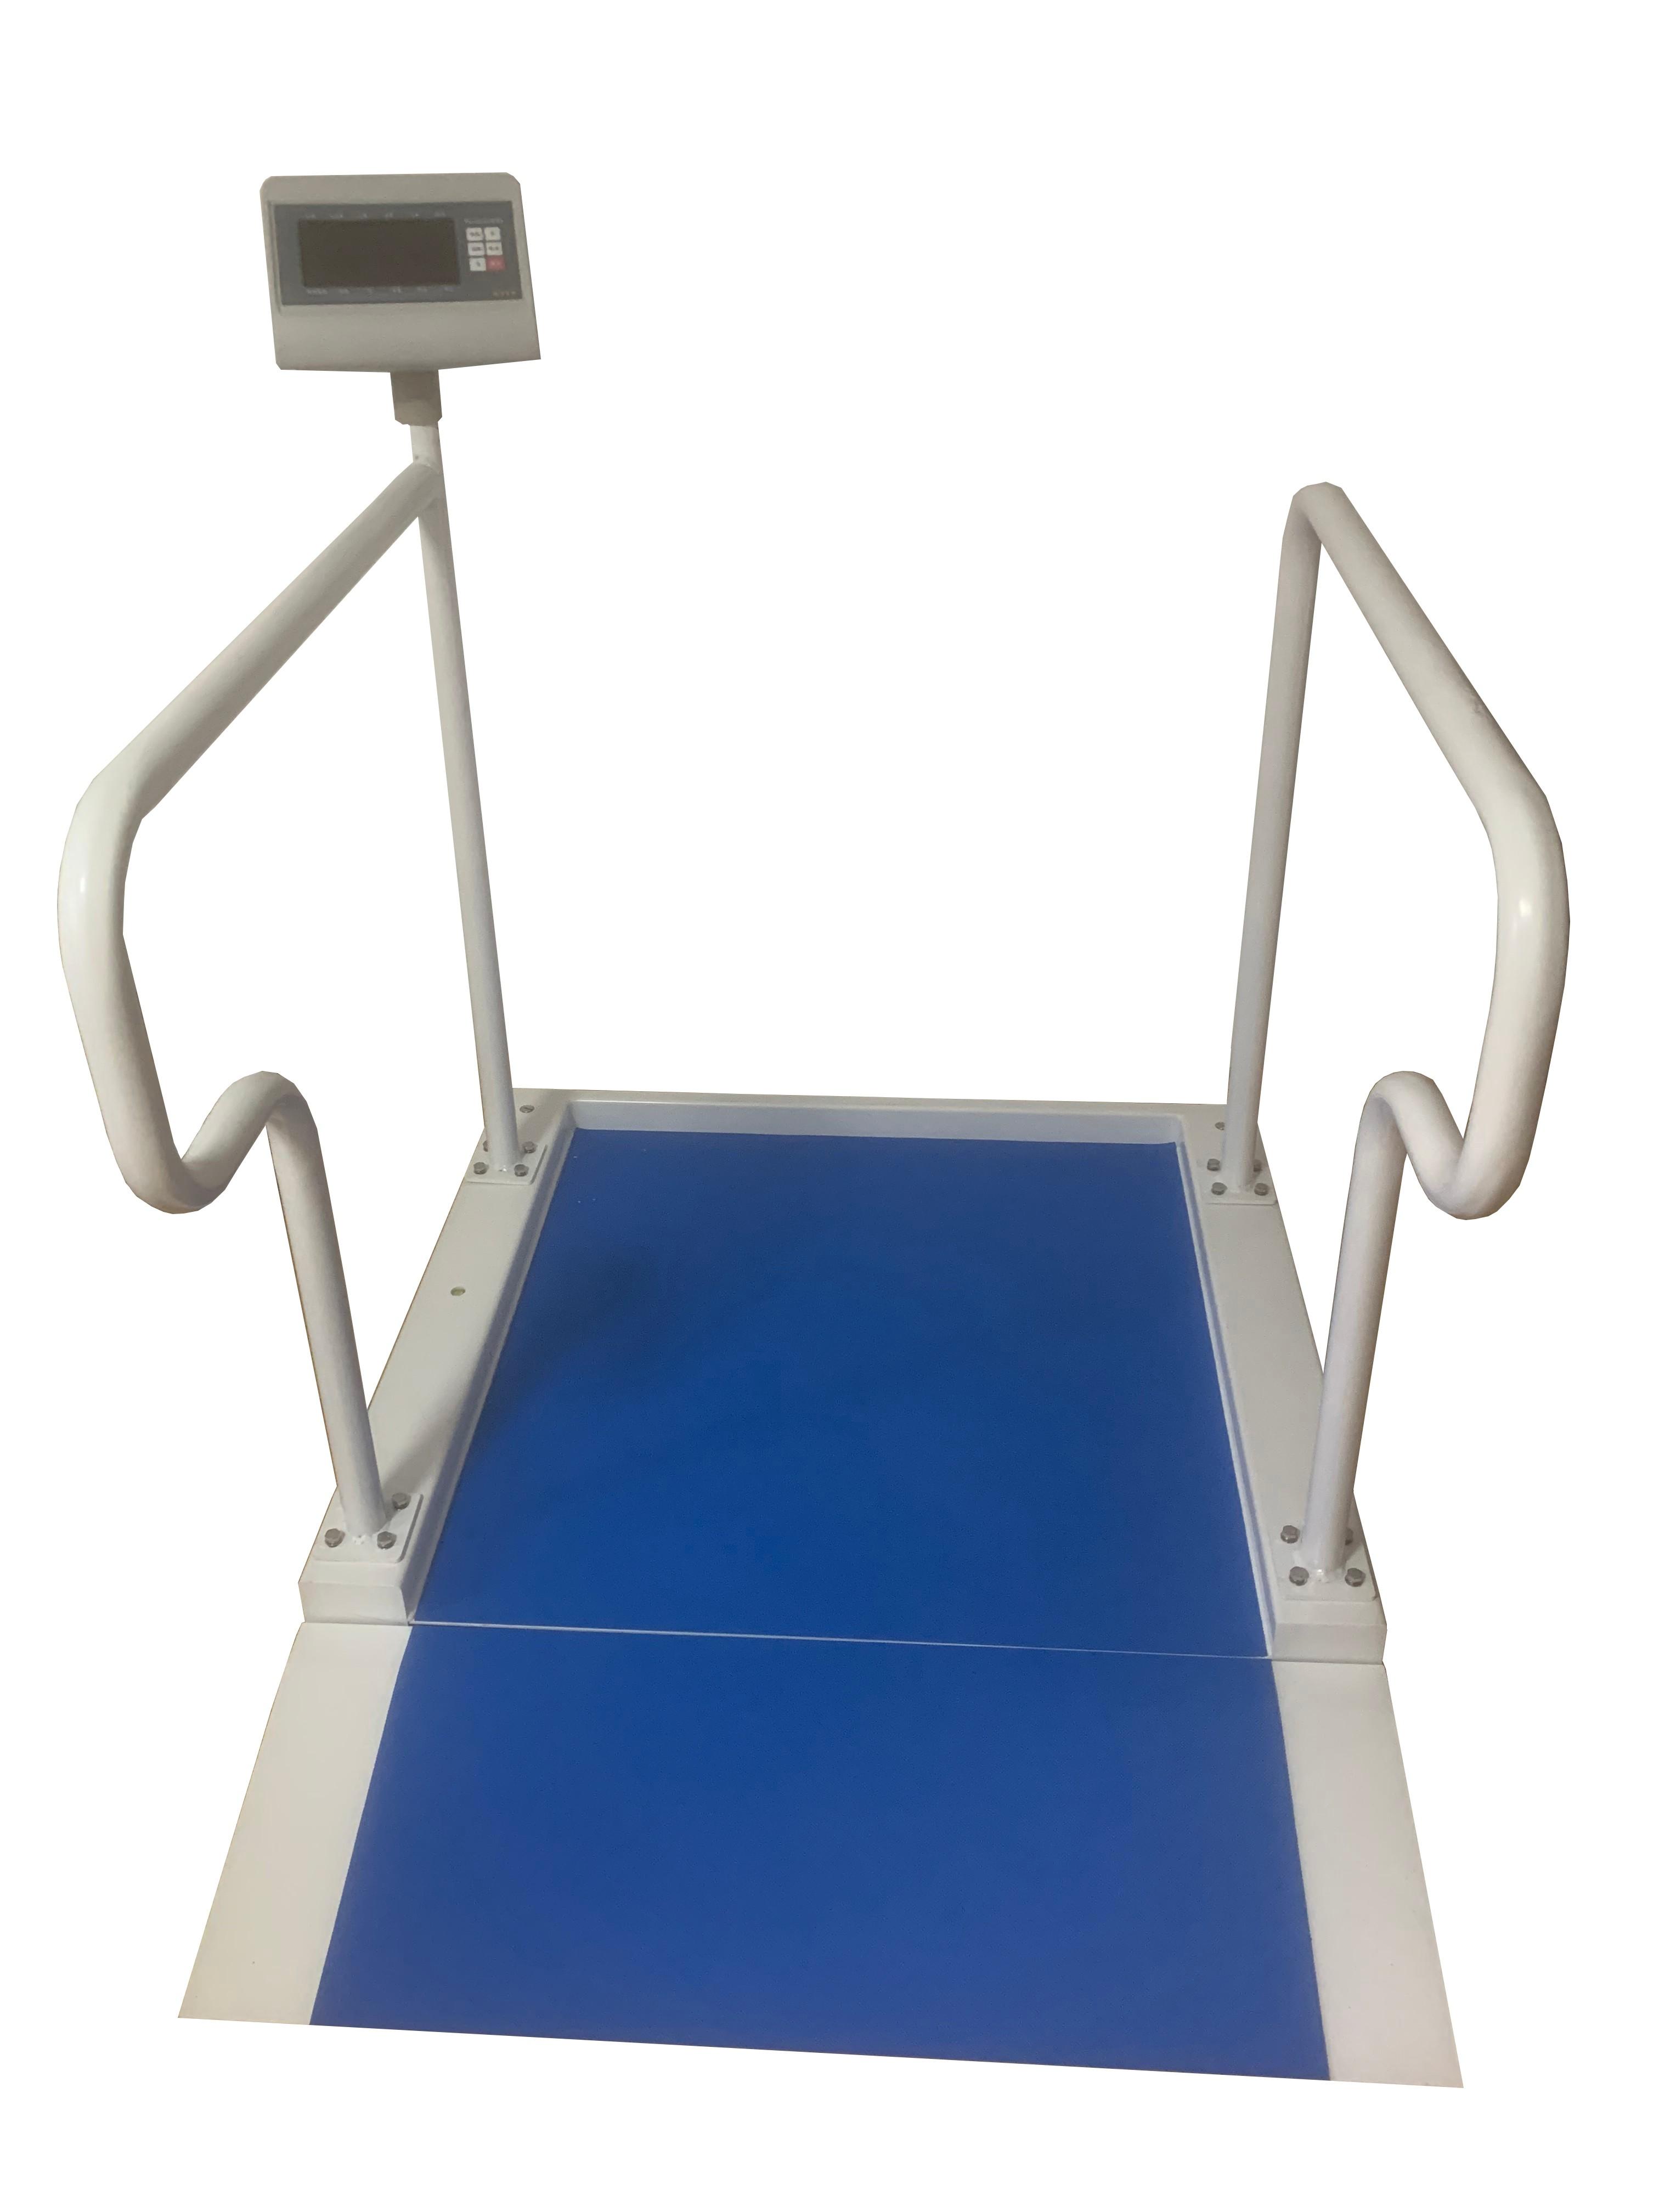 新款加长坡碳钢轮椅秤(主图).jpg